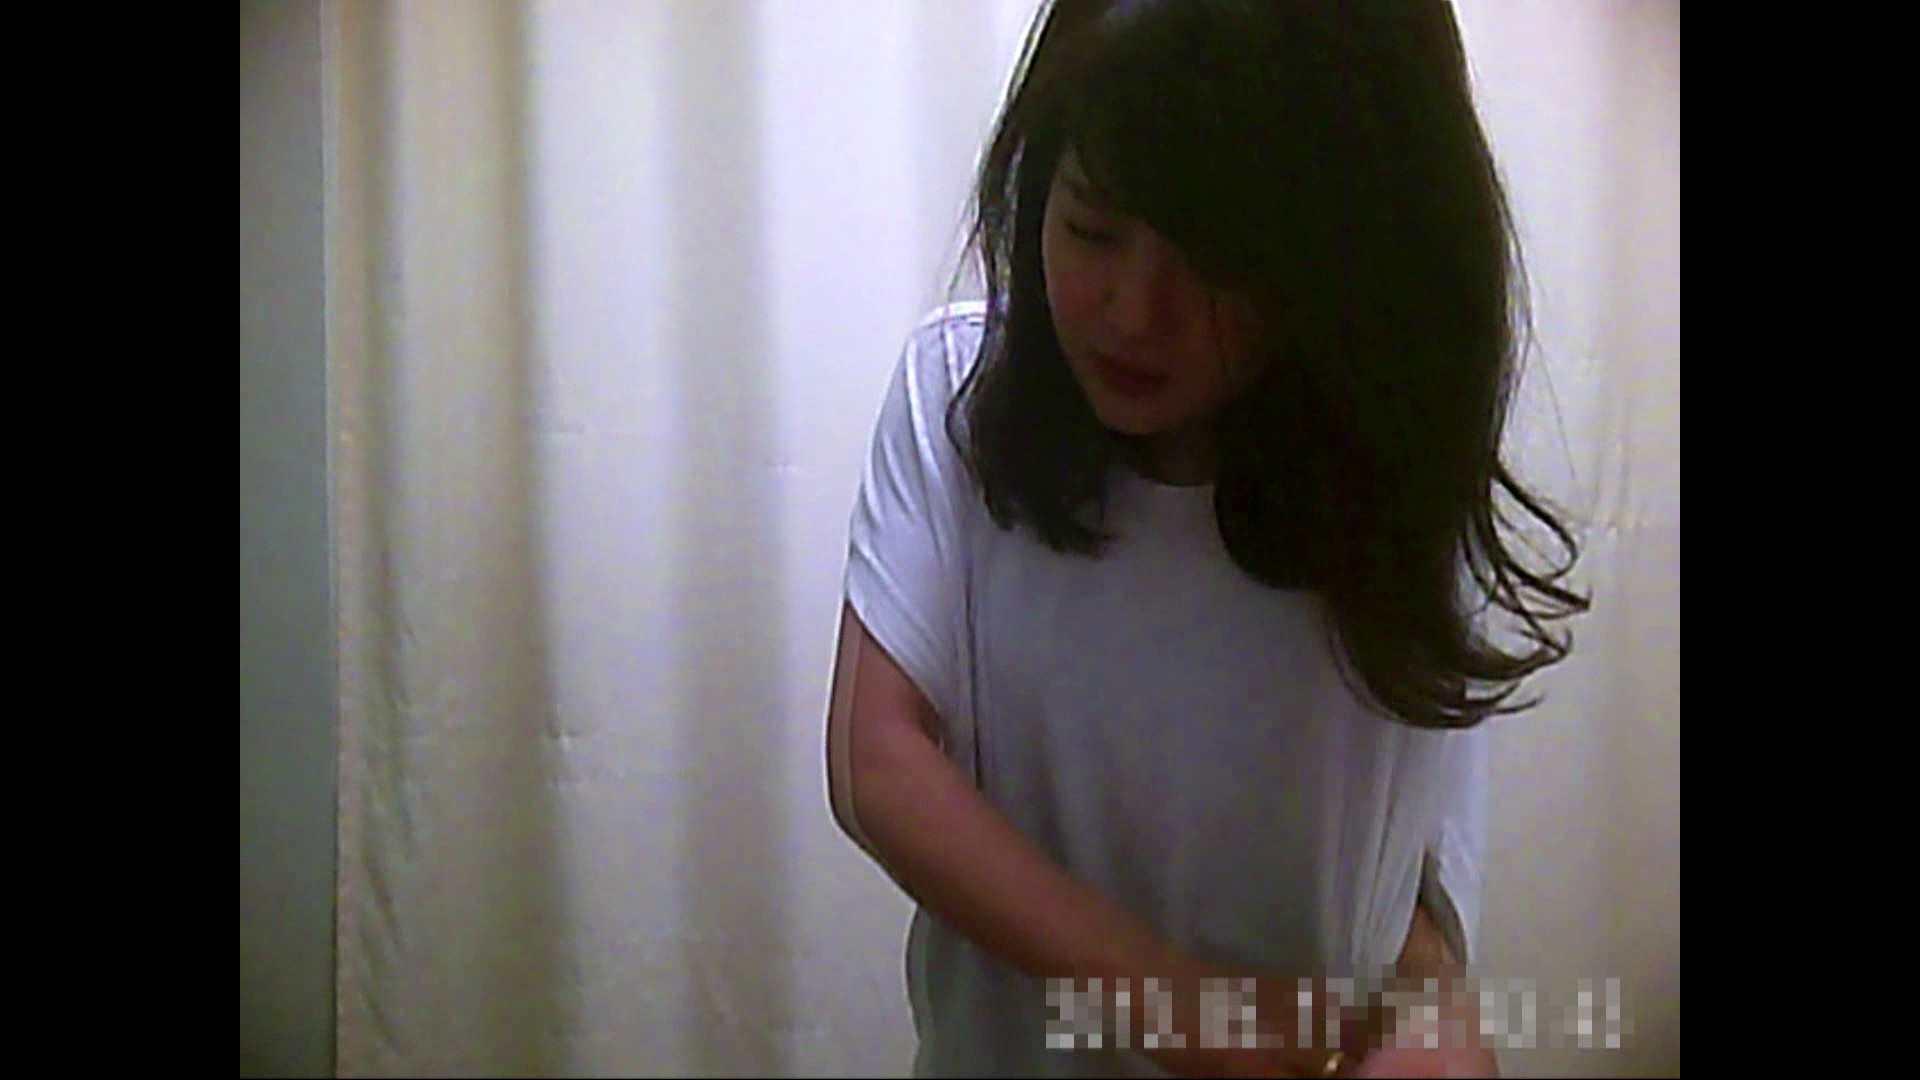 元医者による反抗 更衣室地獄絵巻 vol.272 OL  102pic 100